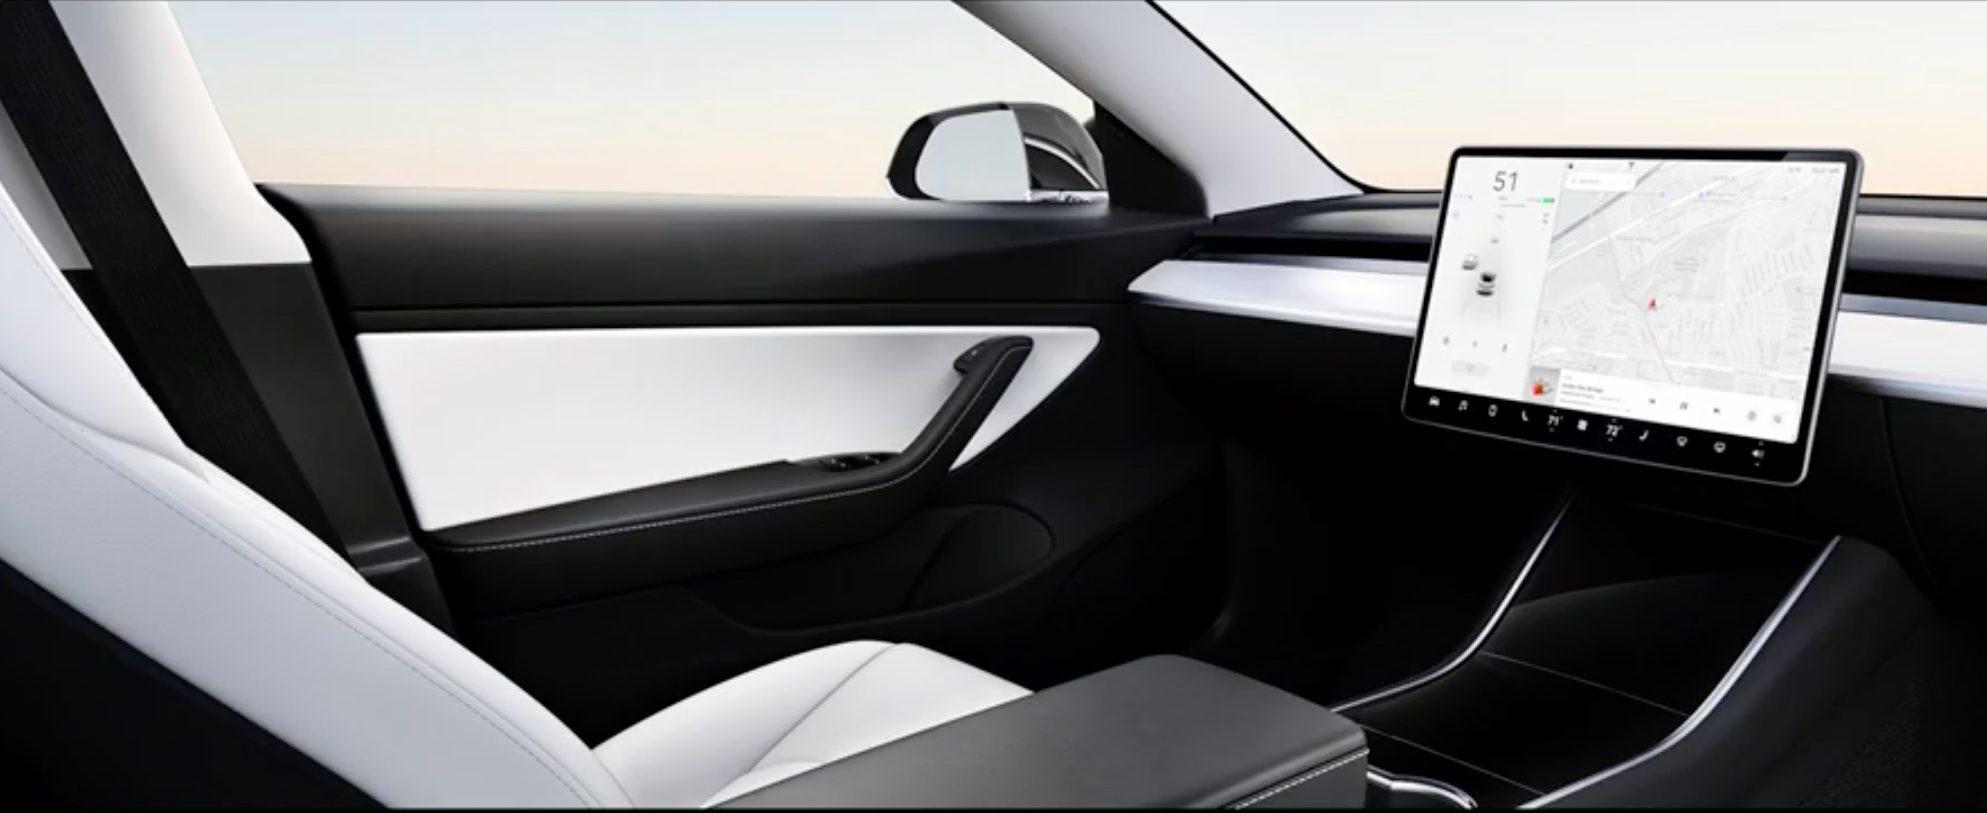 Cum arata conceptul de masina fara volan al Tesla